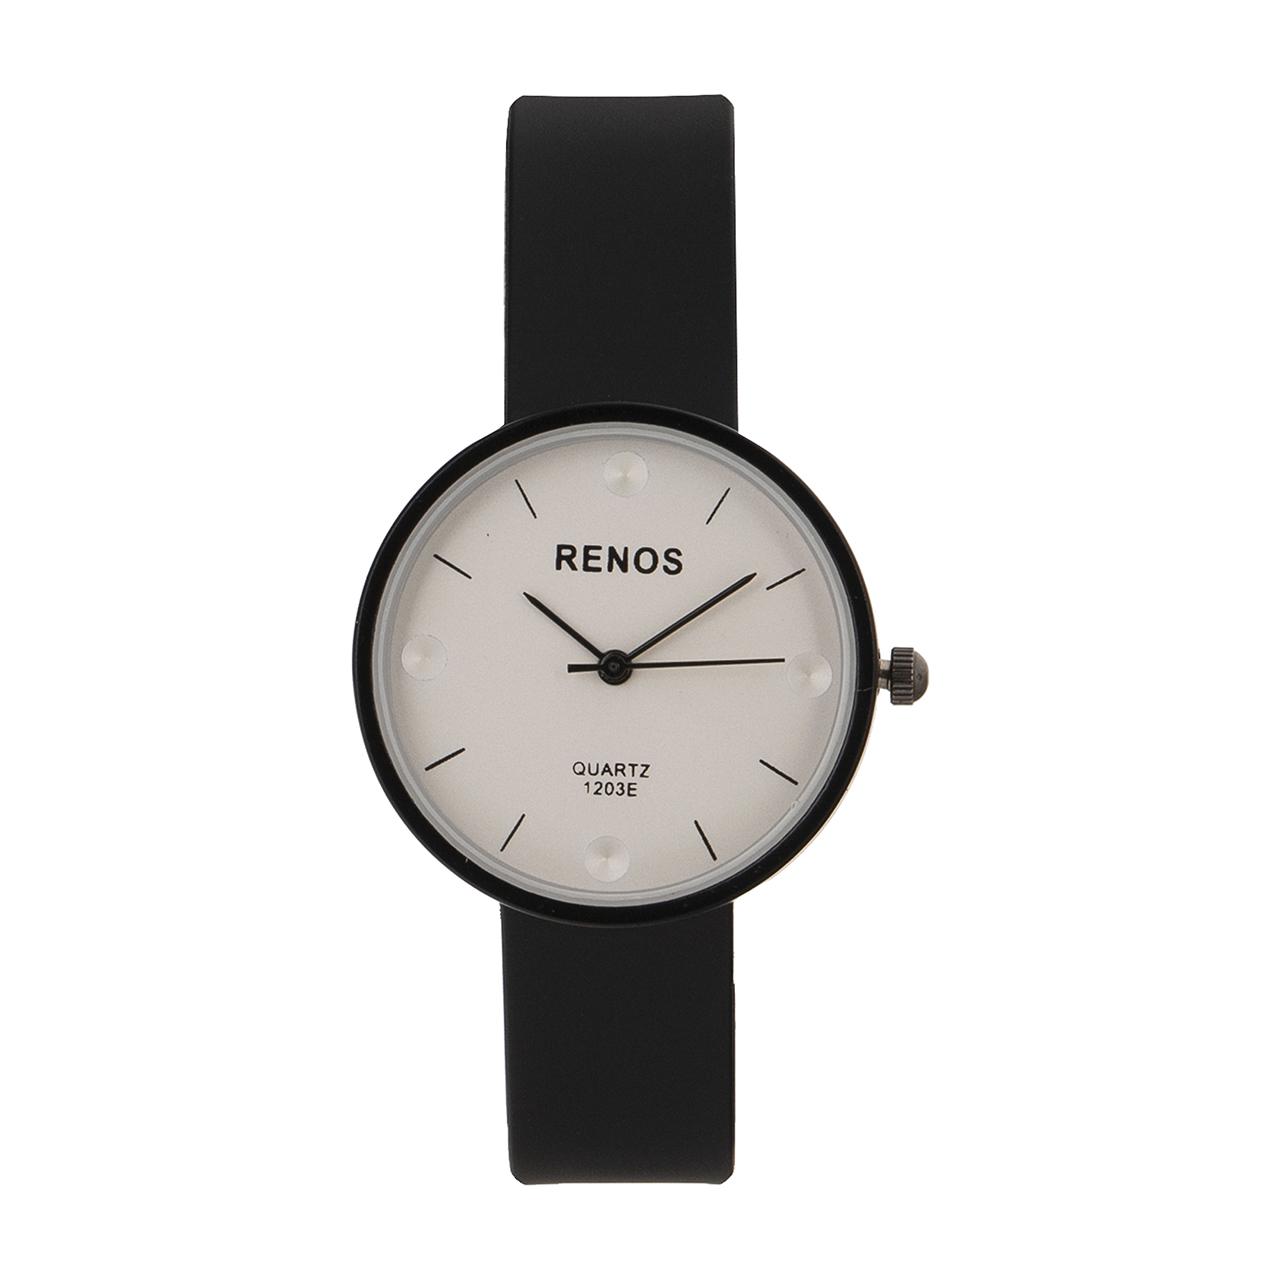 ساعت مچی عقربه ای زنانه رنوس مدل 1203